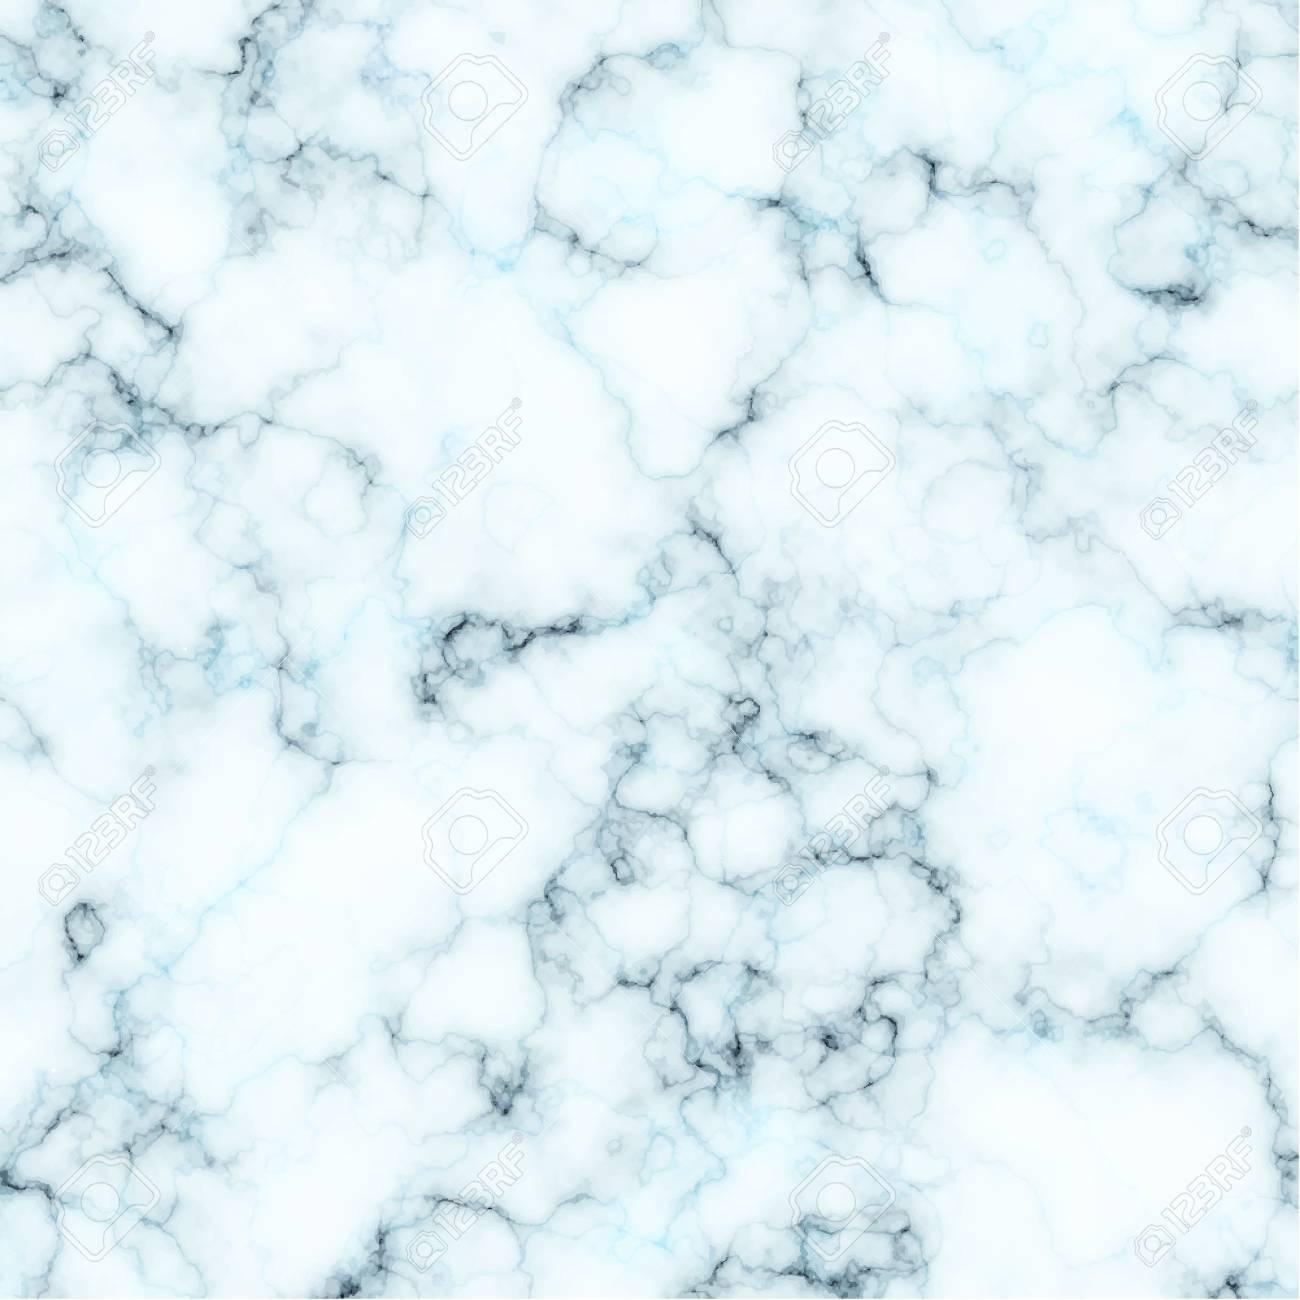 Vettoriale Trama Di Marmo Bianco E Blu Sfondo Vettoriale Può